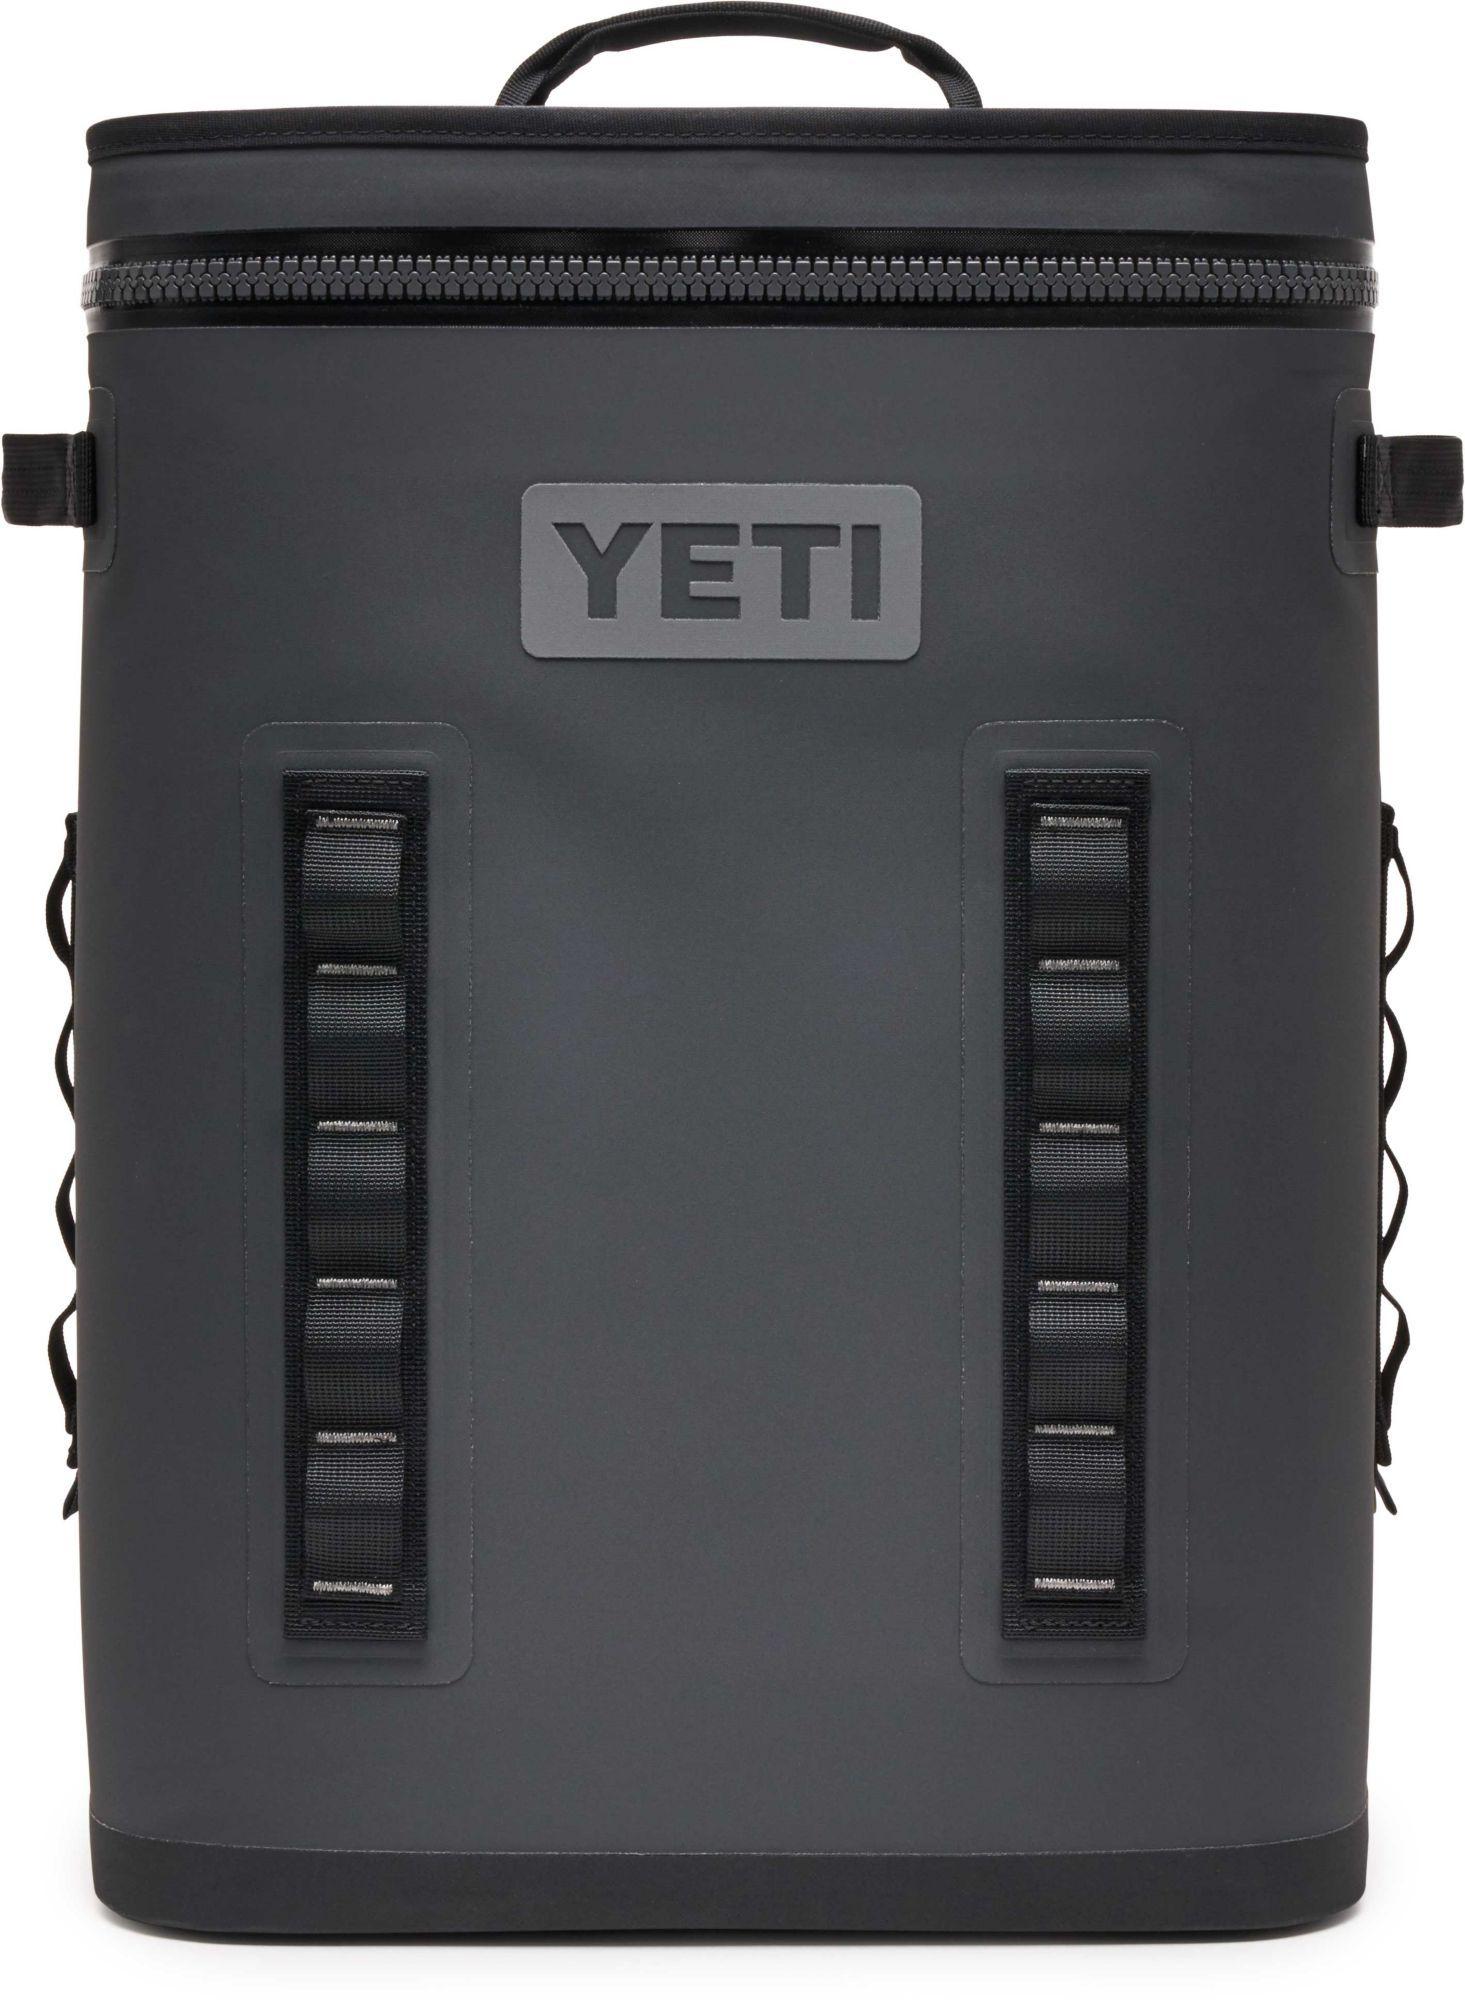 YETI Hopper BackFlip 24 Backpack Cooler in 2020 Cool